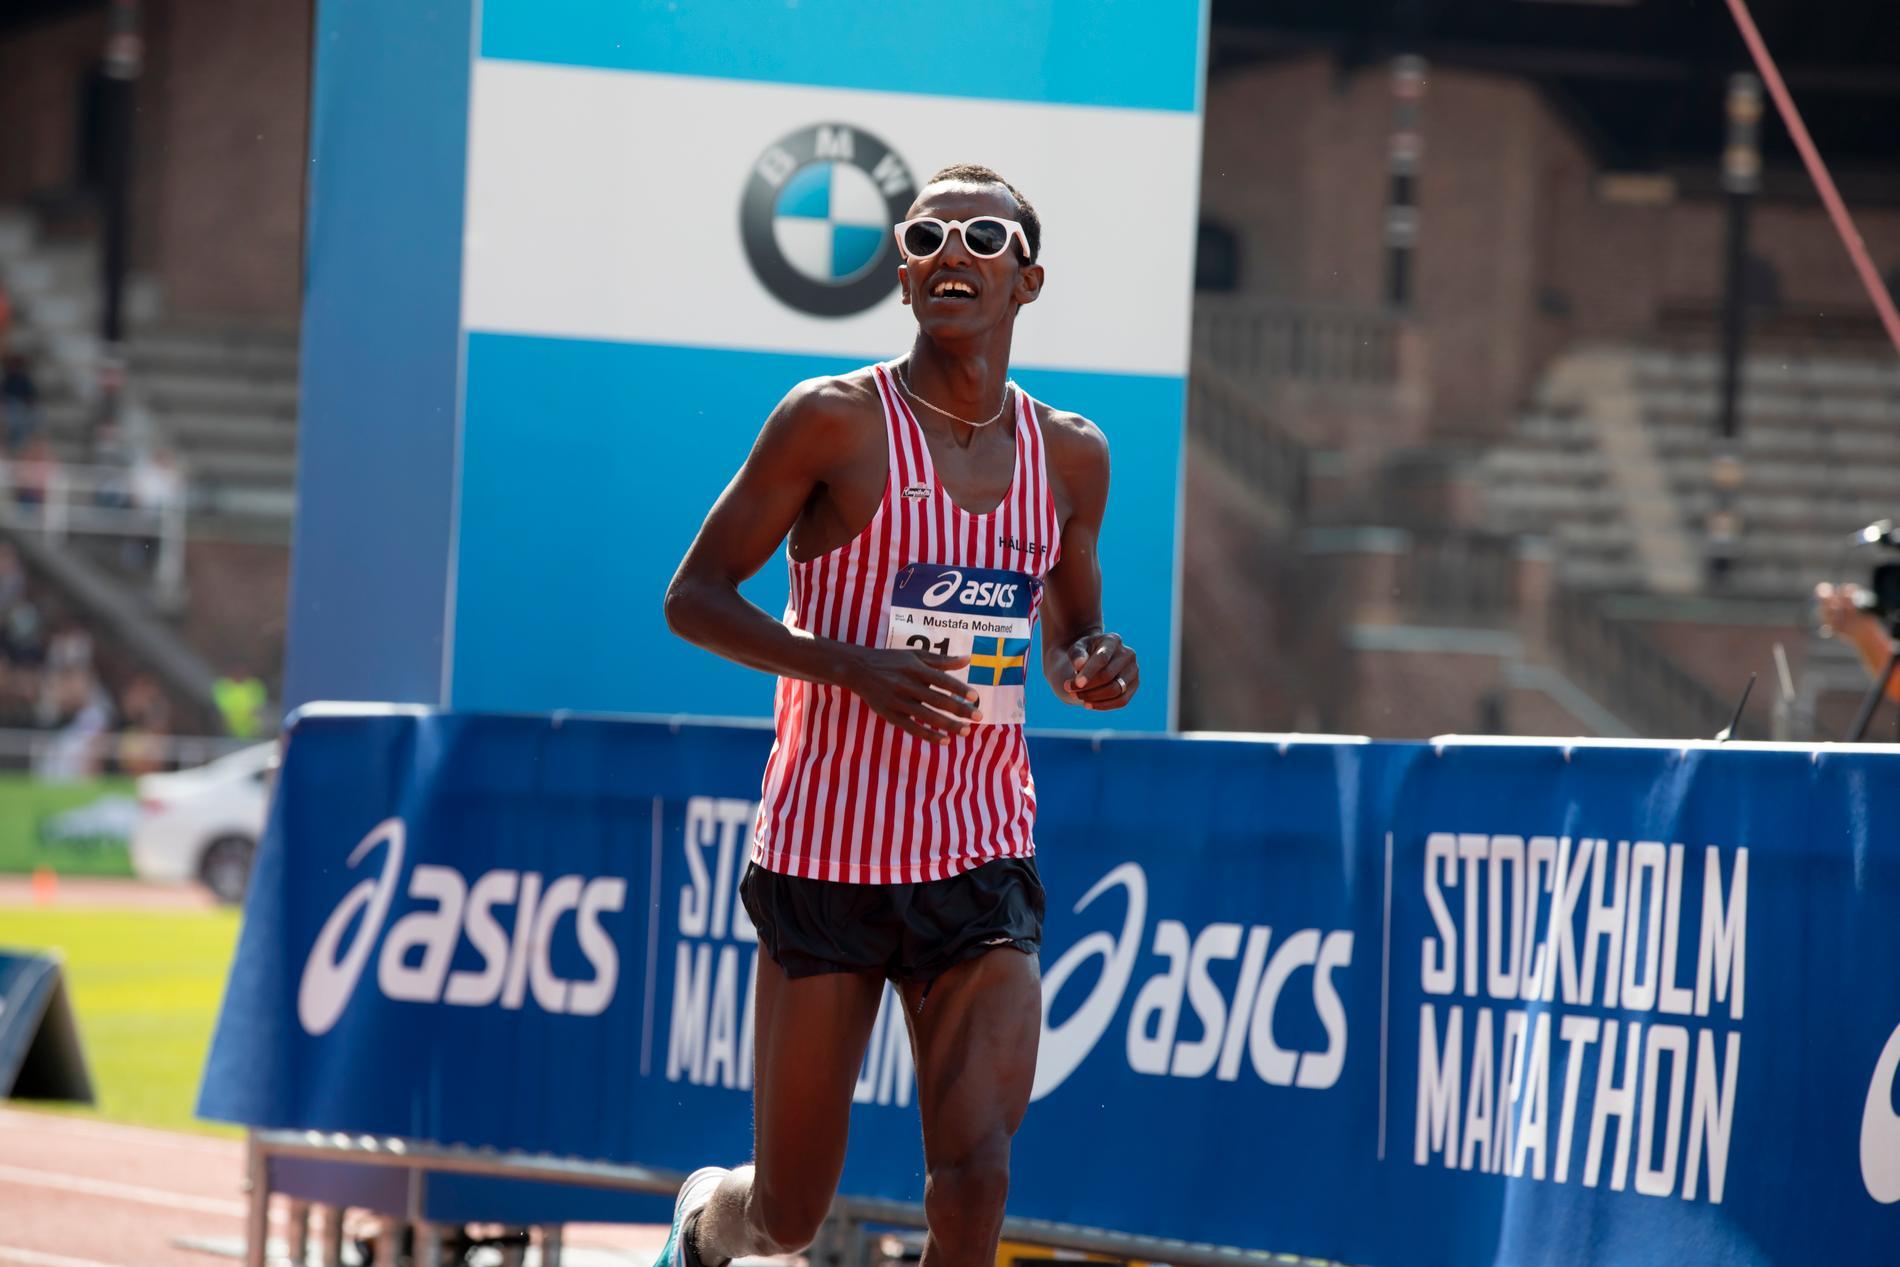 Mustafa Mohamed korsar mållinjen som första svensk i Stockholm marathon 2018.